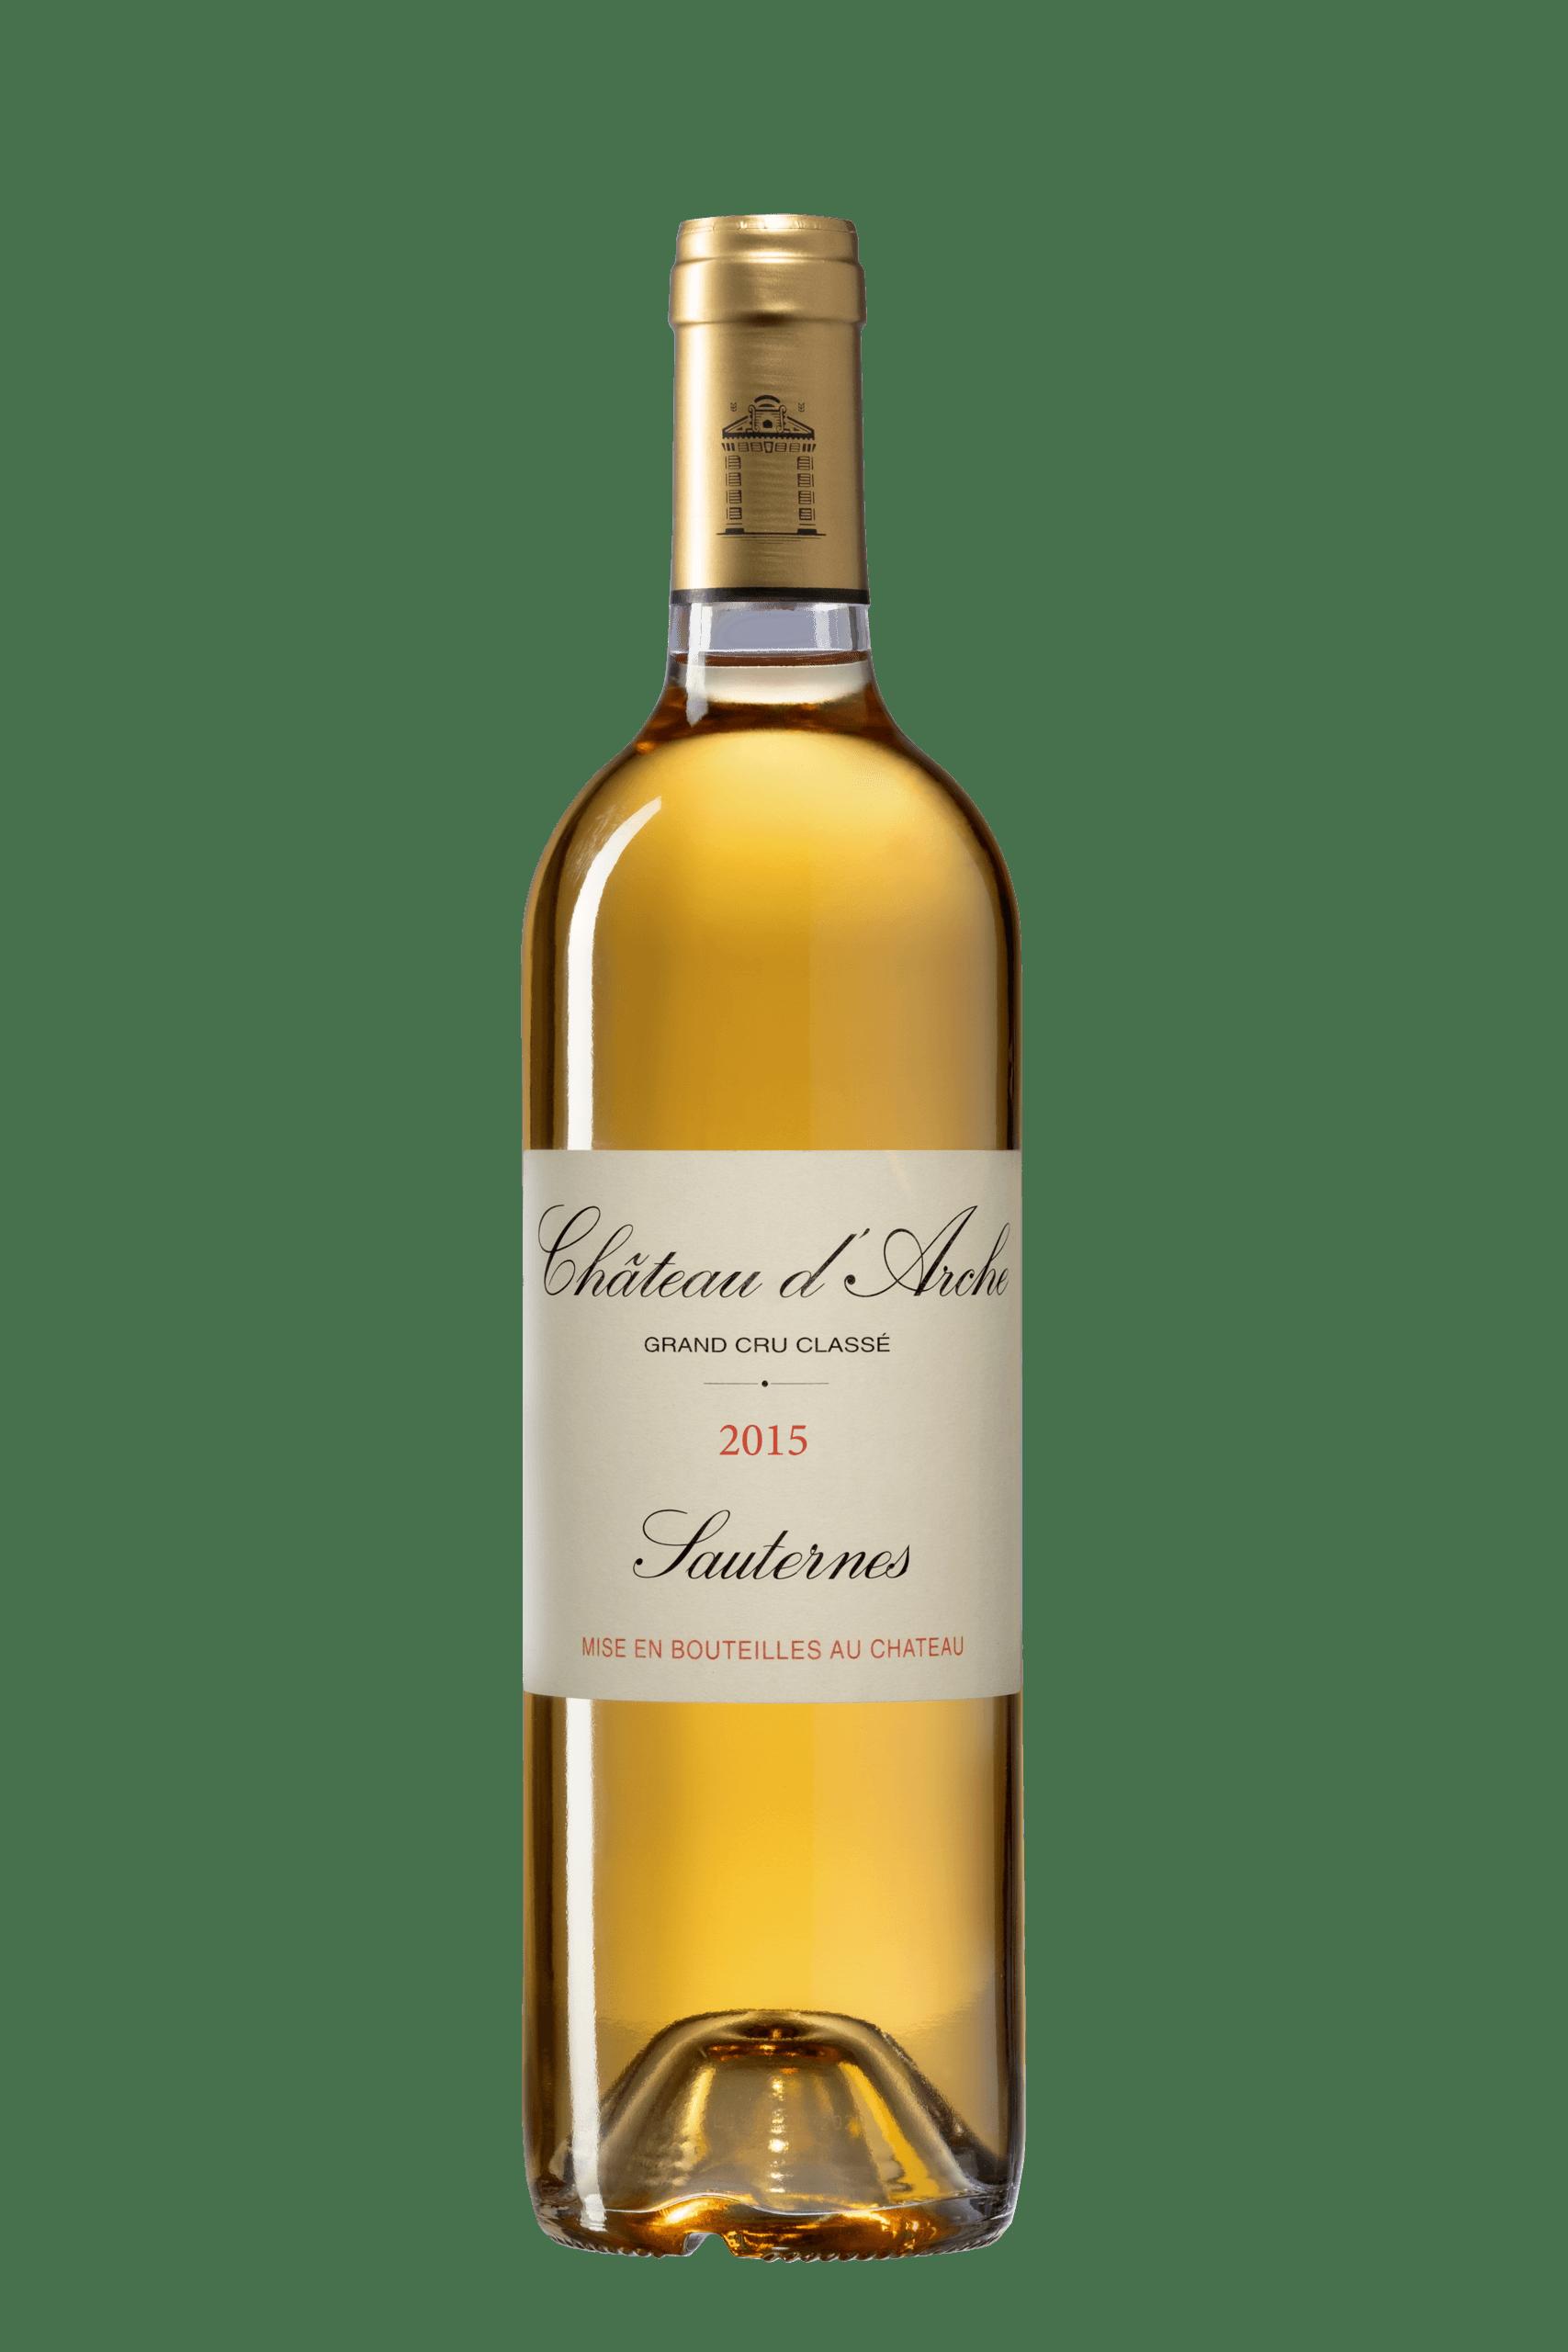 Château d'Arche 2015 bouteille, grand cru classé, Sauternes